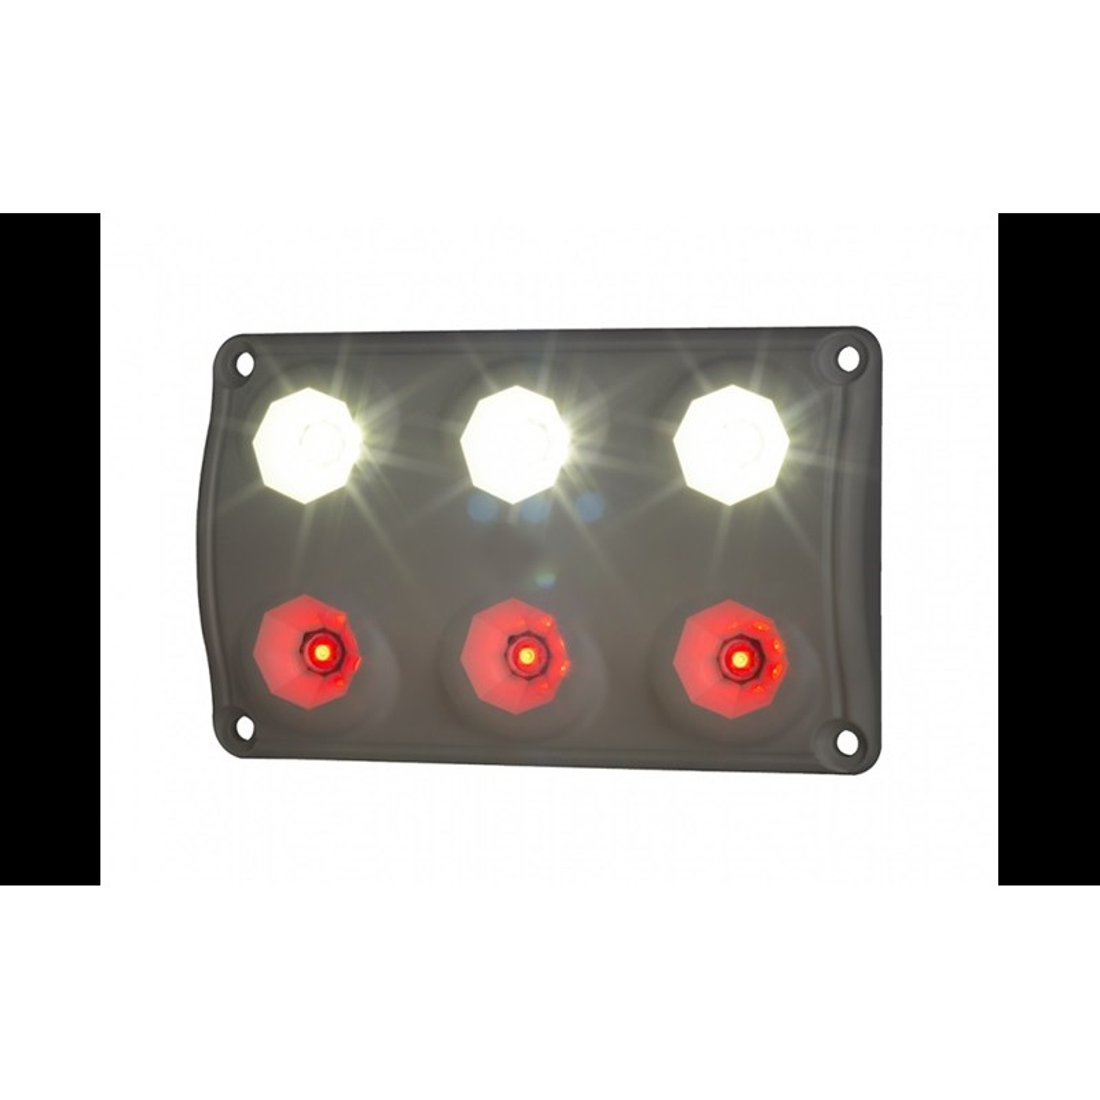 Innenraum LED Leucht Rot Weiss